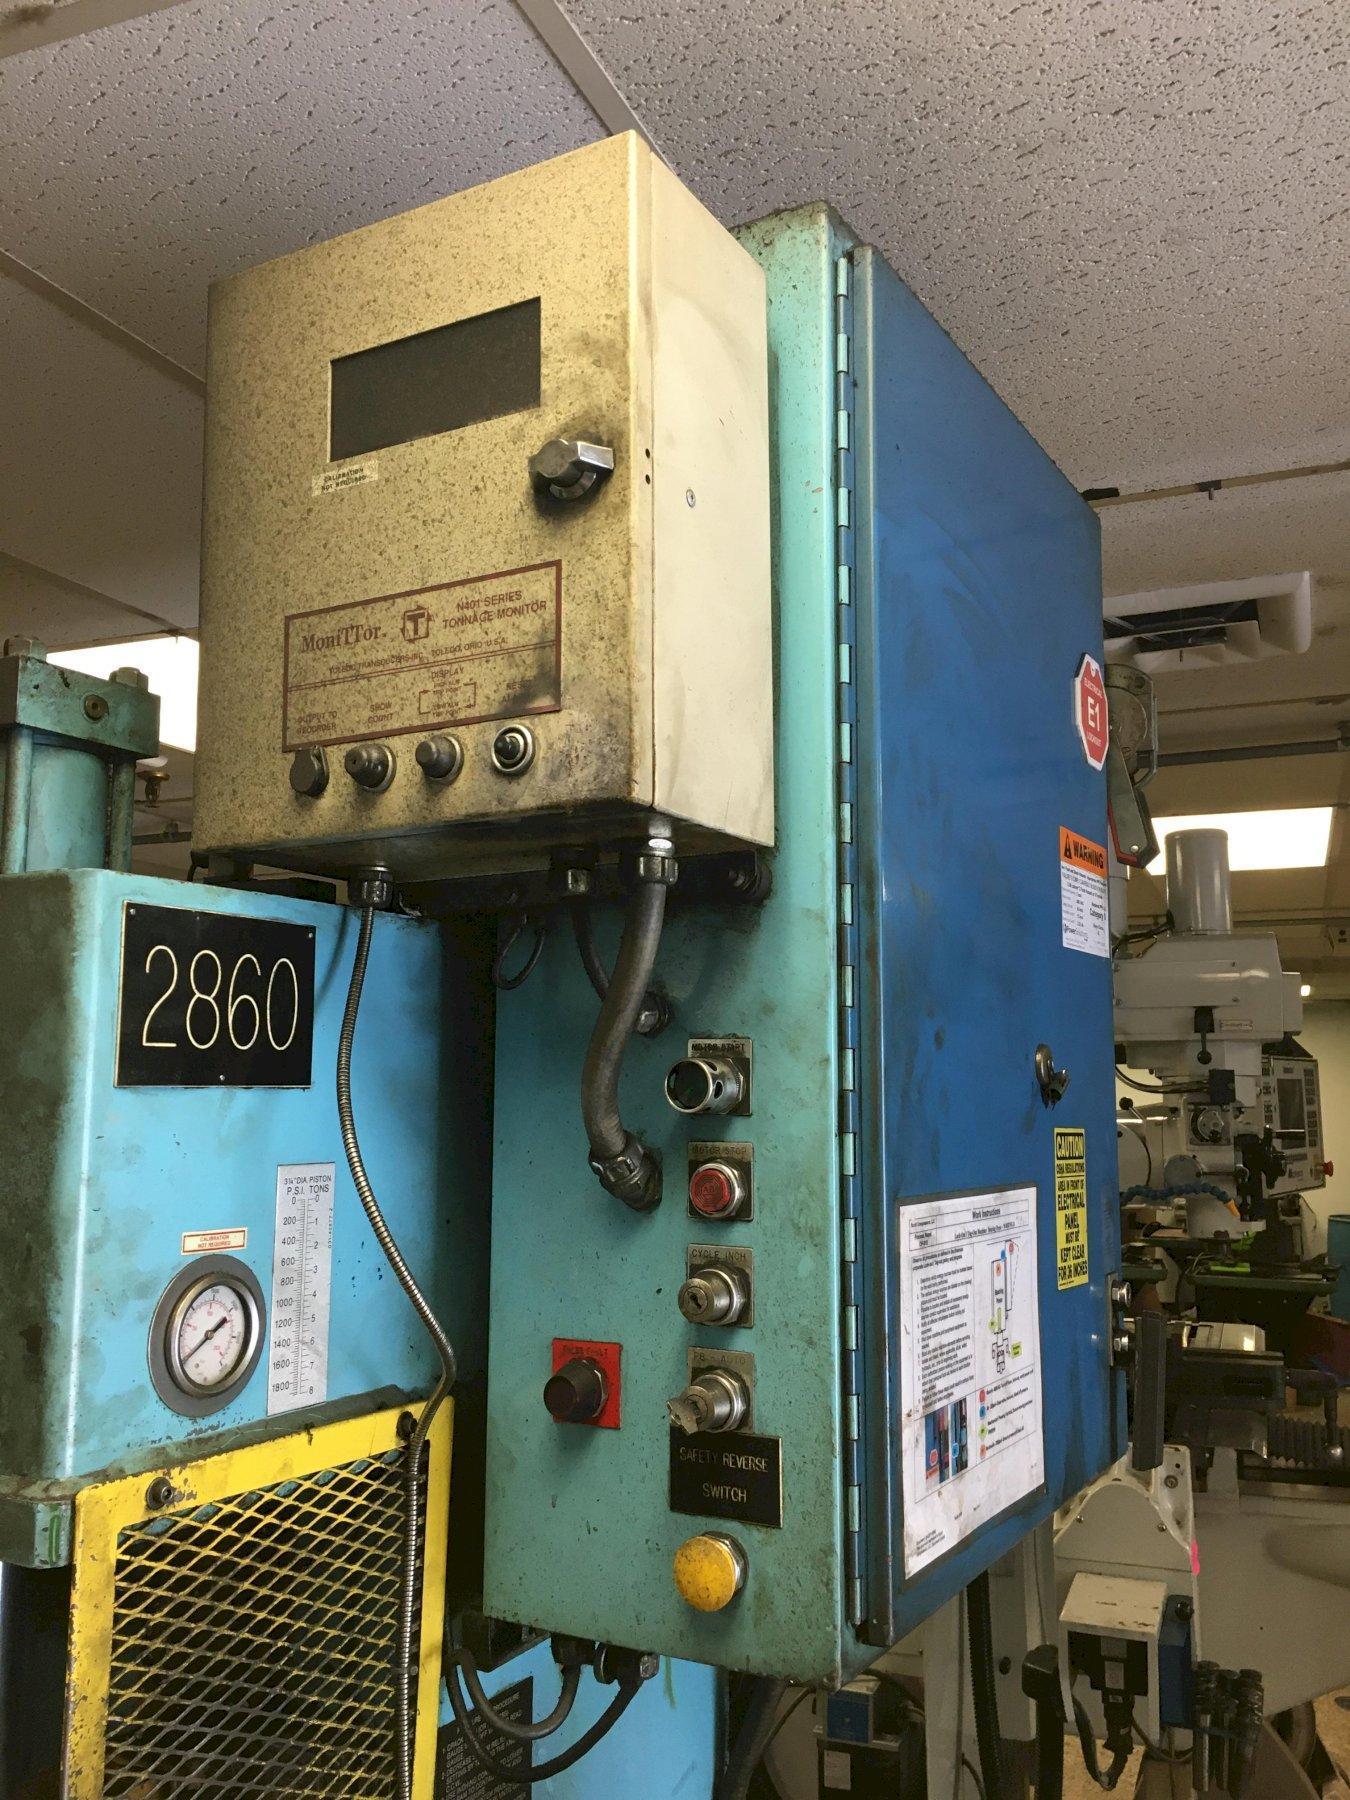 Dennison Multipress W4R87M 8 Ton Hydraulic C-Frame Press